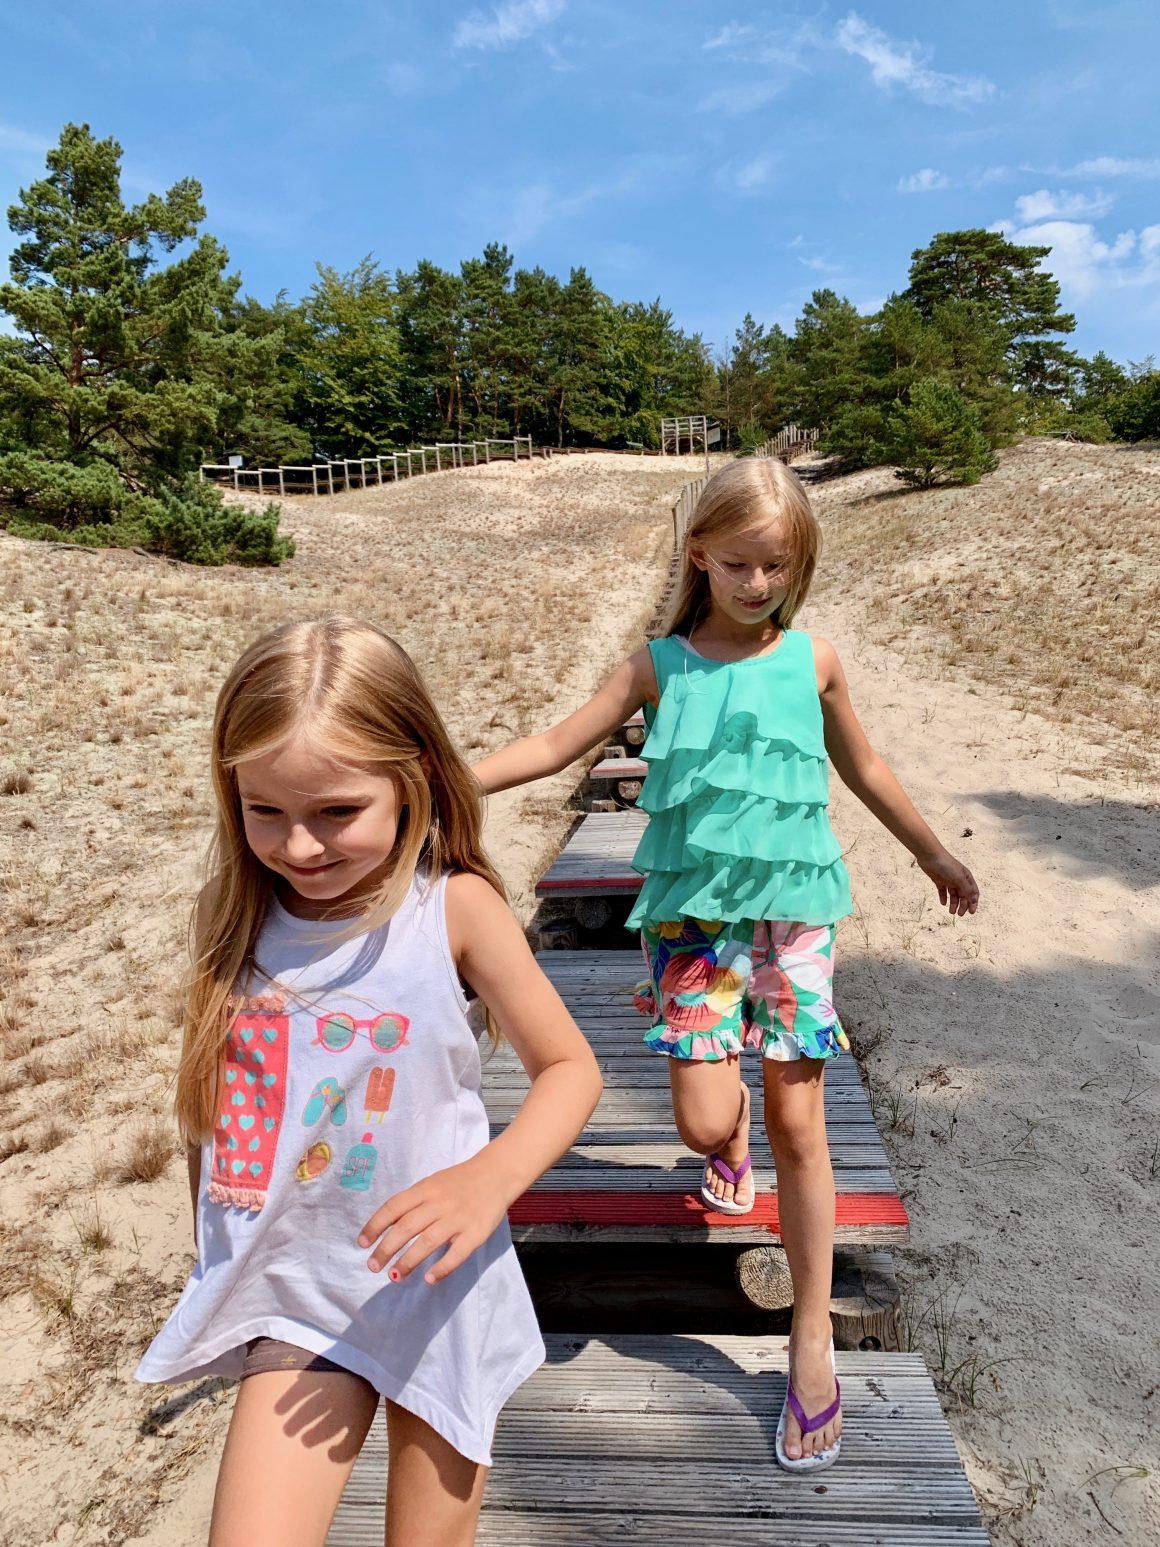 ustka dla dzieci, gdzie nad morze z dziećmi, ustka atrakcje dla dzieci, grand lubicz ustka, orzechowska wydma